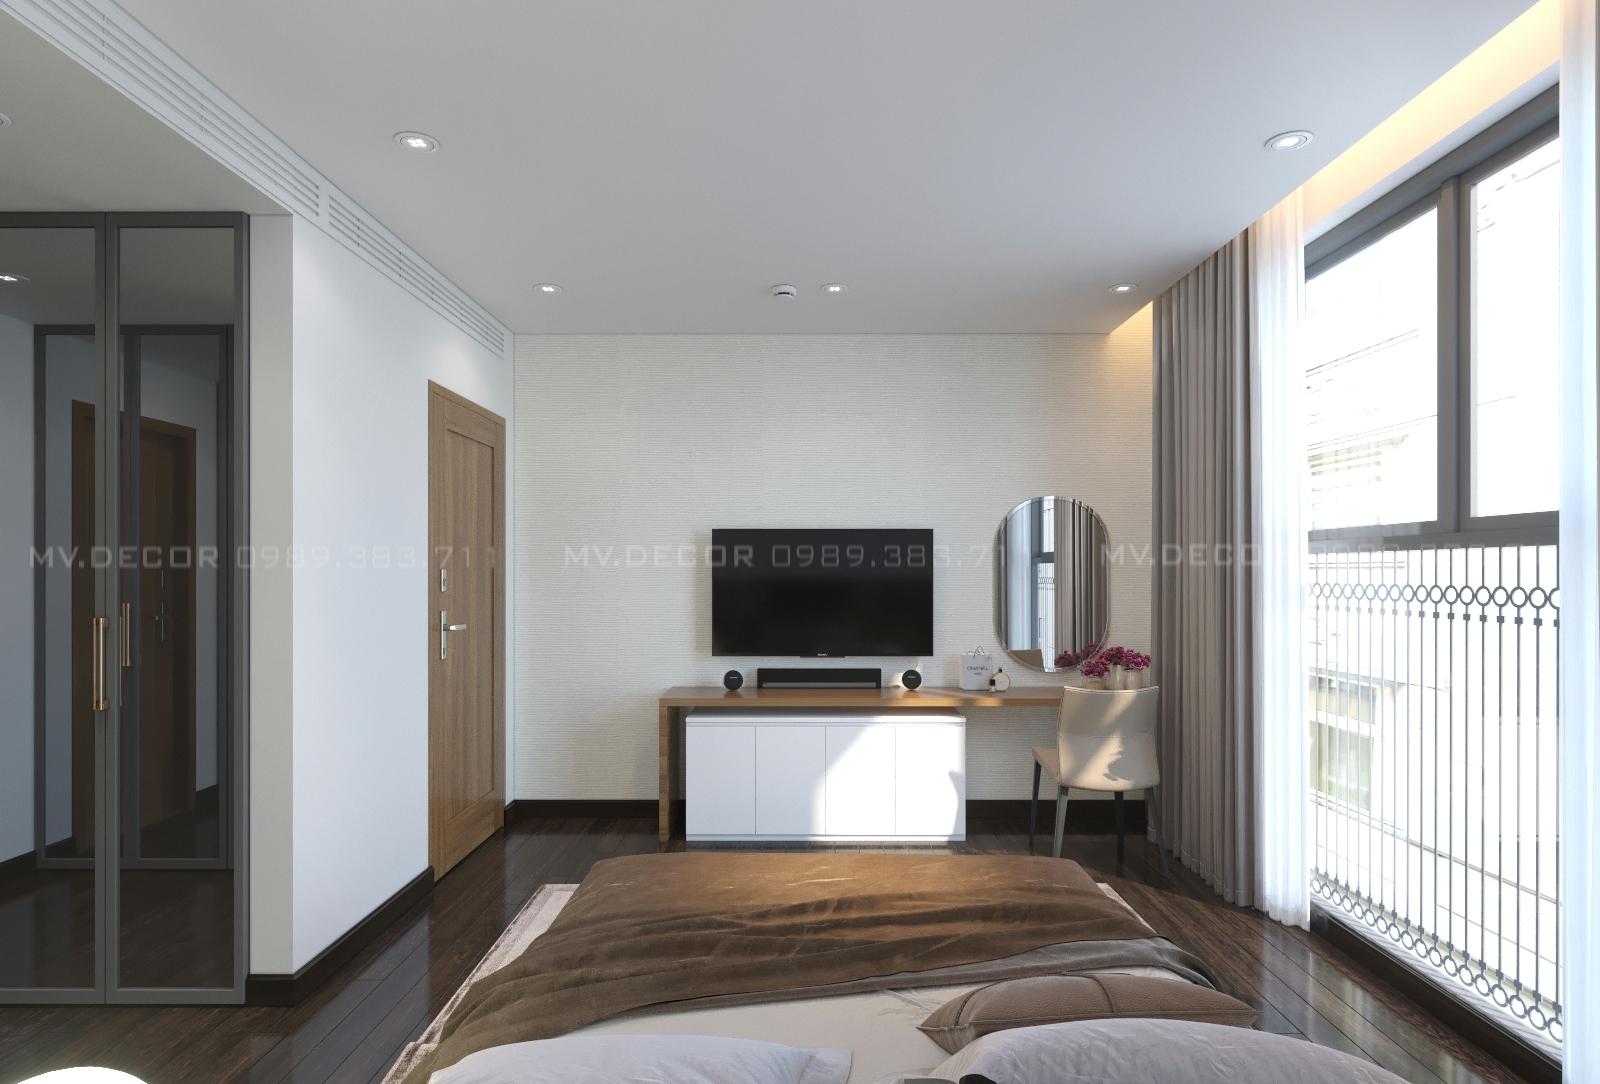 thiết kế nội thất chung cư tại Hà Nội duplex tân hoàng minh hoàng cầu 15 1550072055